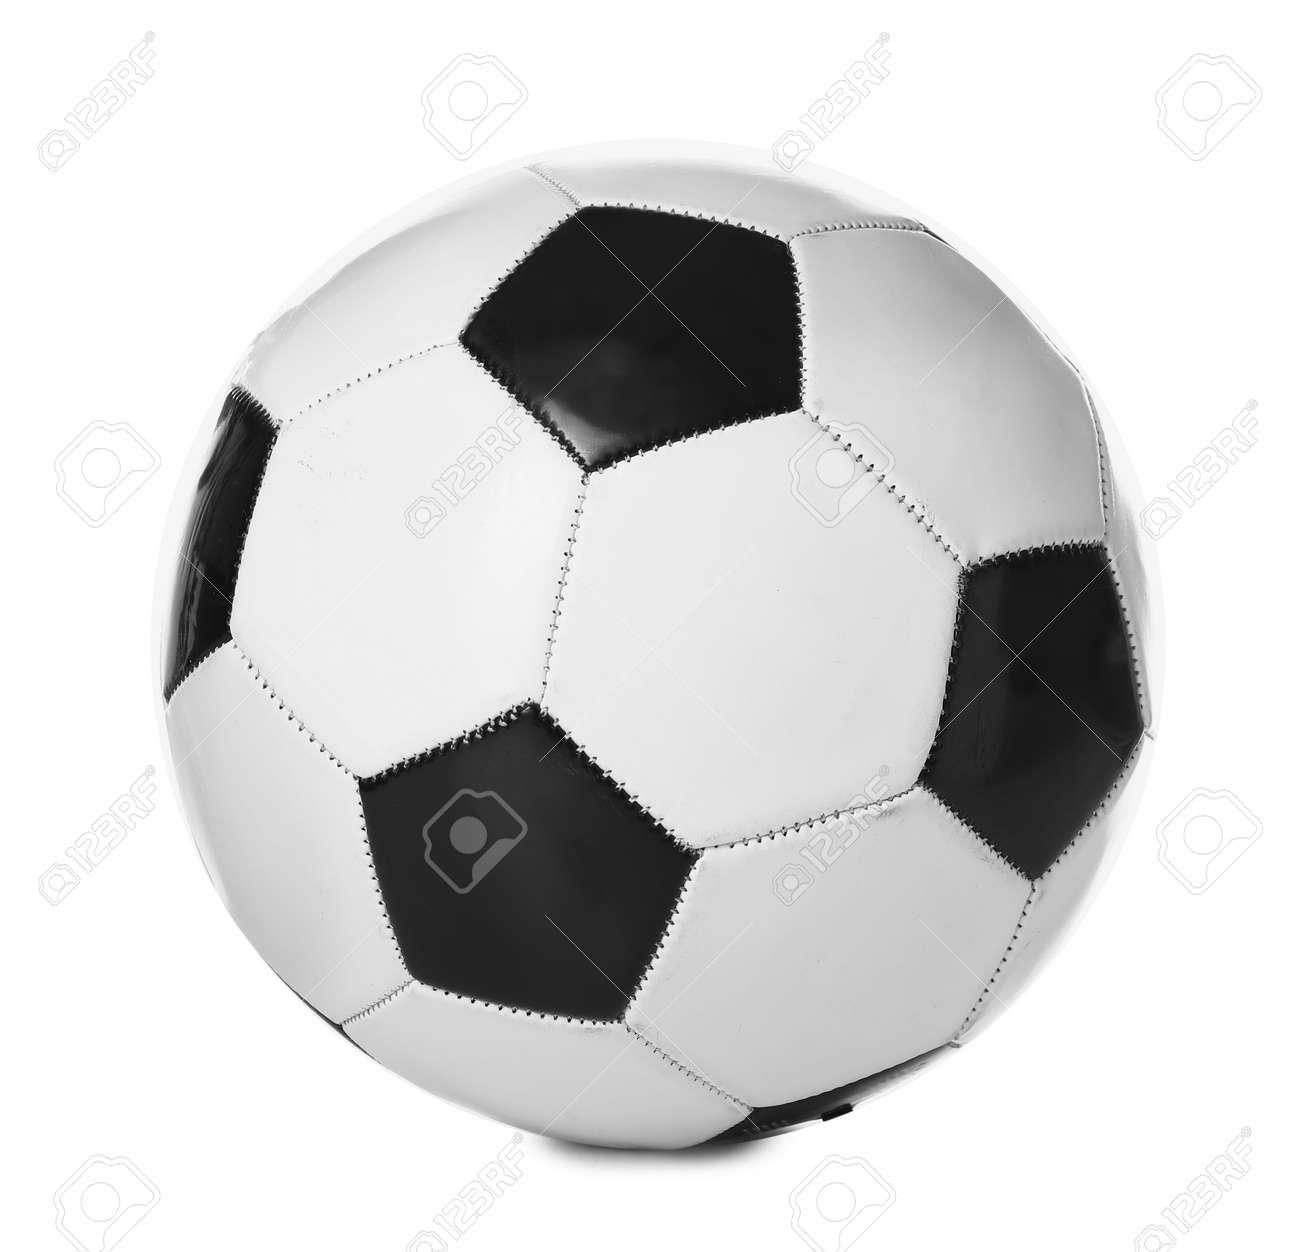 Soccer ball on white background - 169048986